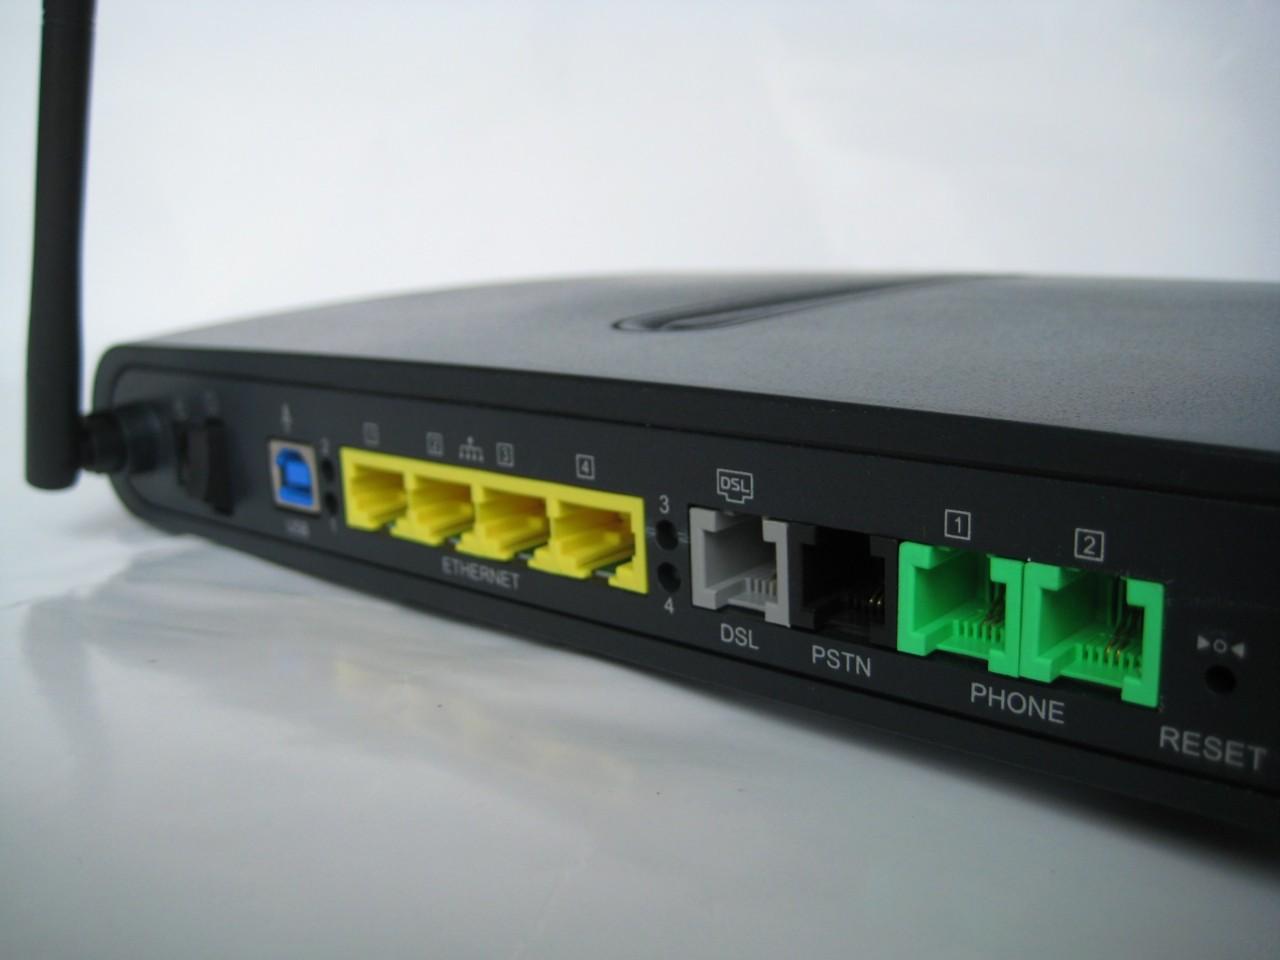 Thomson Speedtouch 780wl DSL ADSL 2+ Modem Wireless VoIP ...